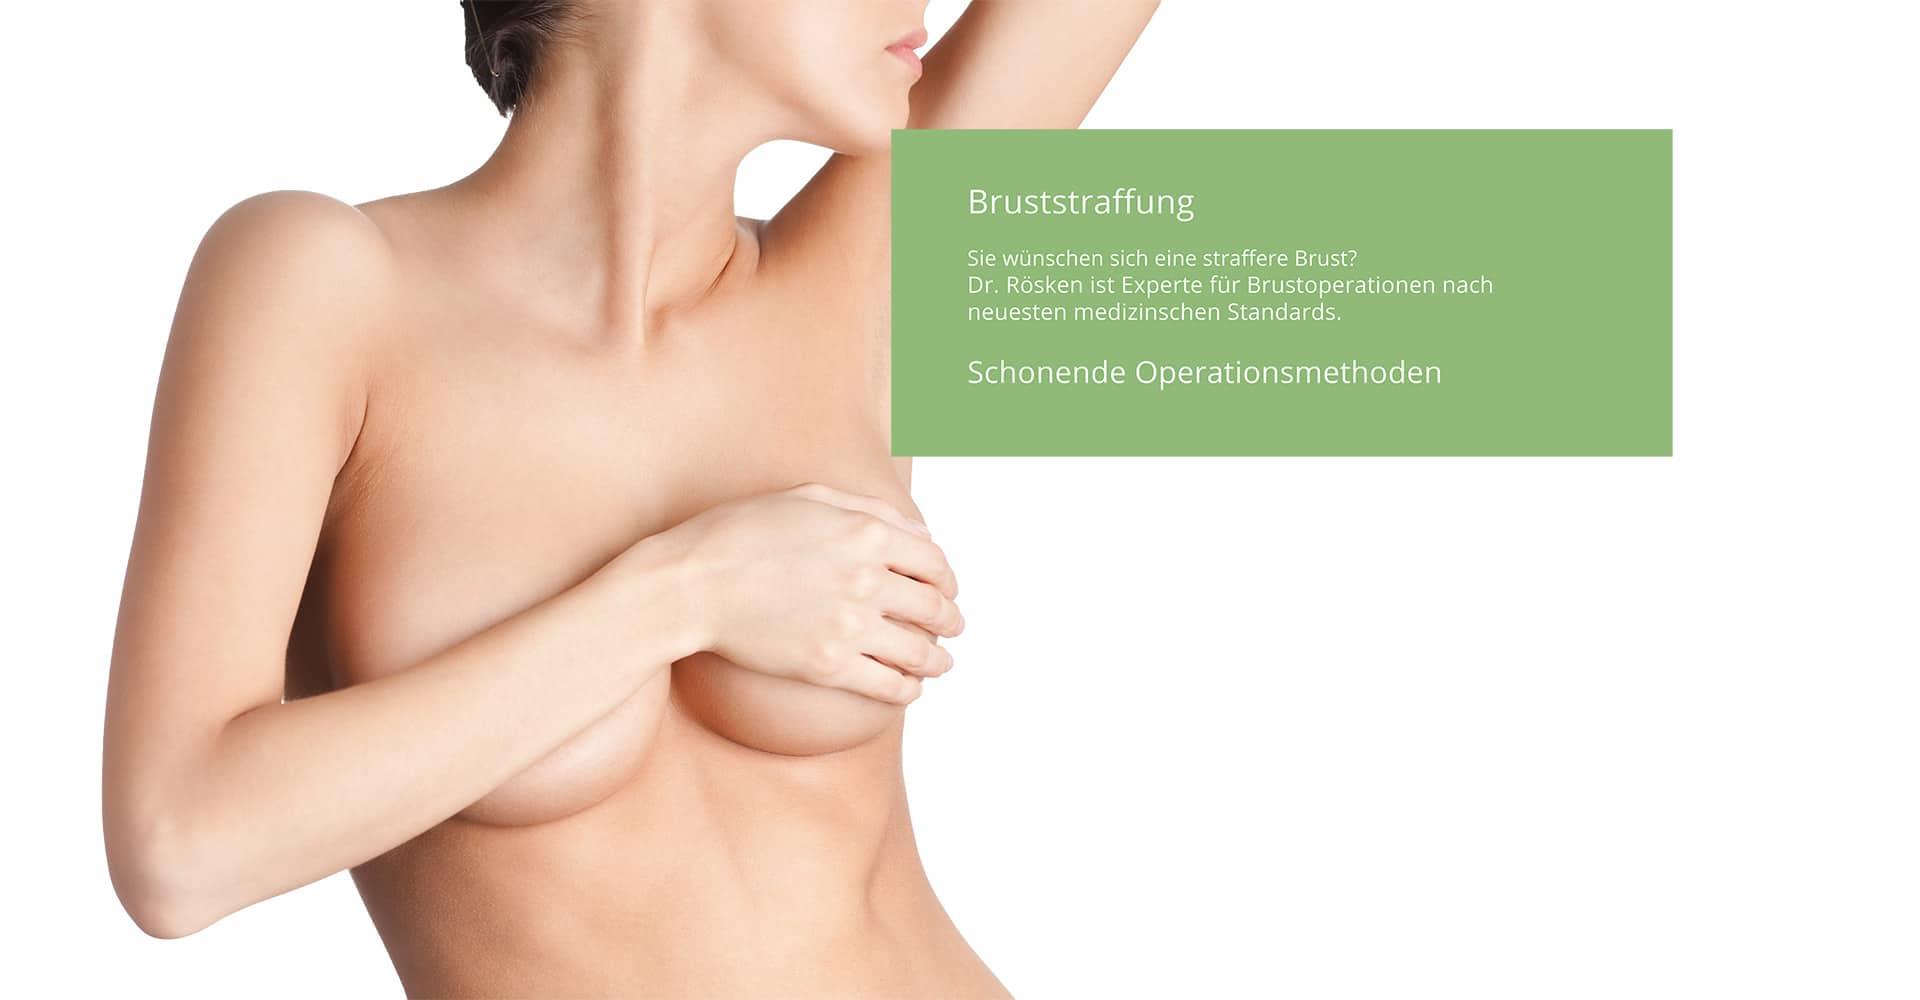 bruststraffung_muenchen_experte